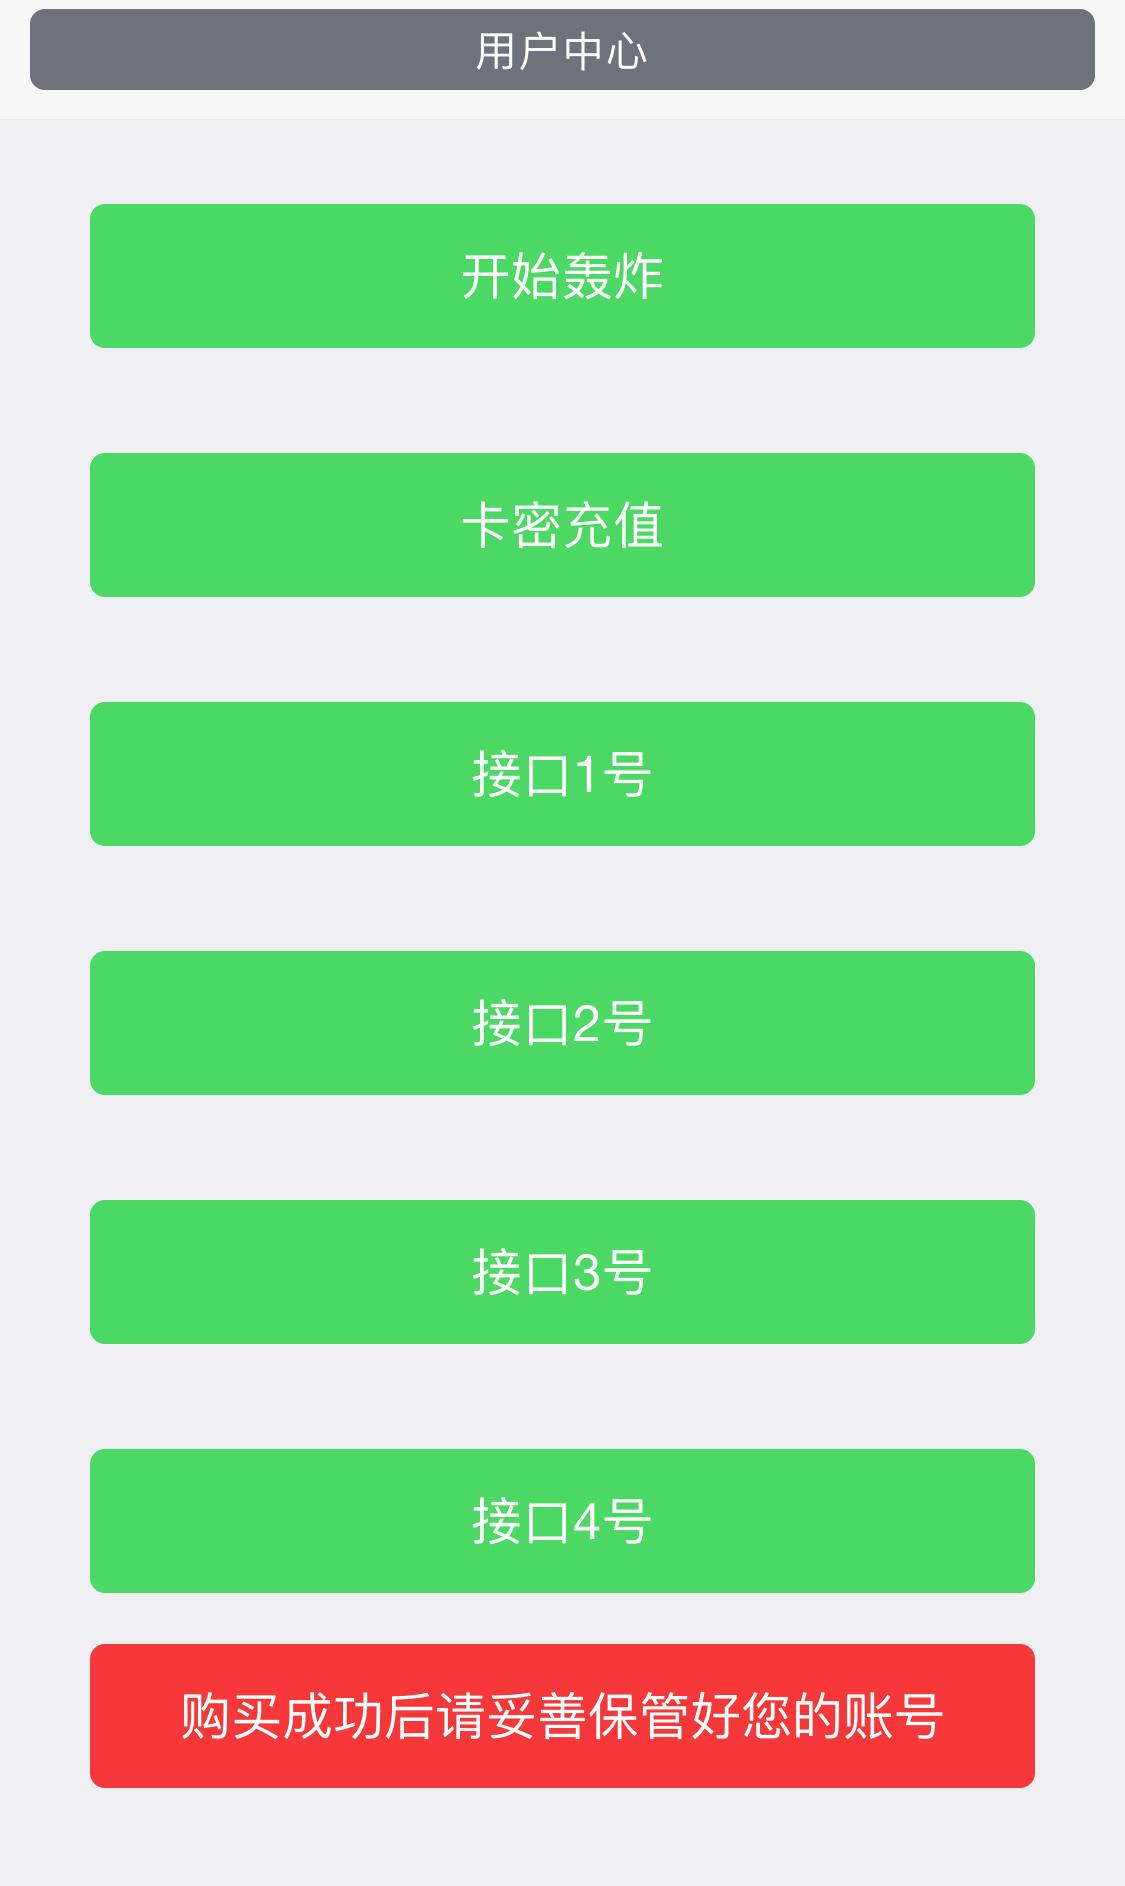 【前端美化版短信轰炸】一款UI非常漂亮的手机短信轰炸源码带API接口[带小白安装教程]-找主题源码